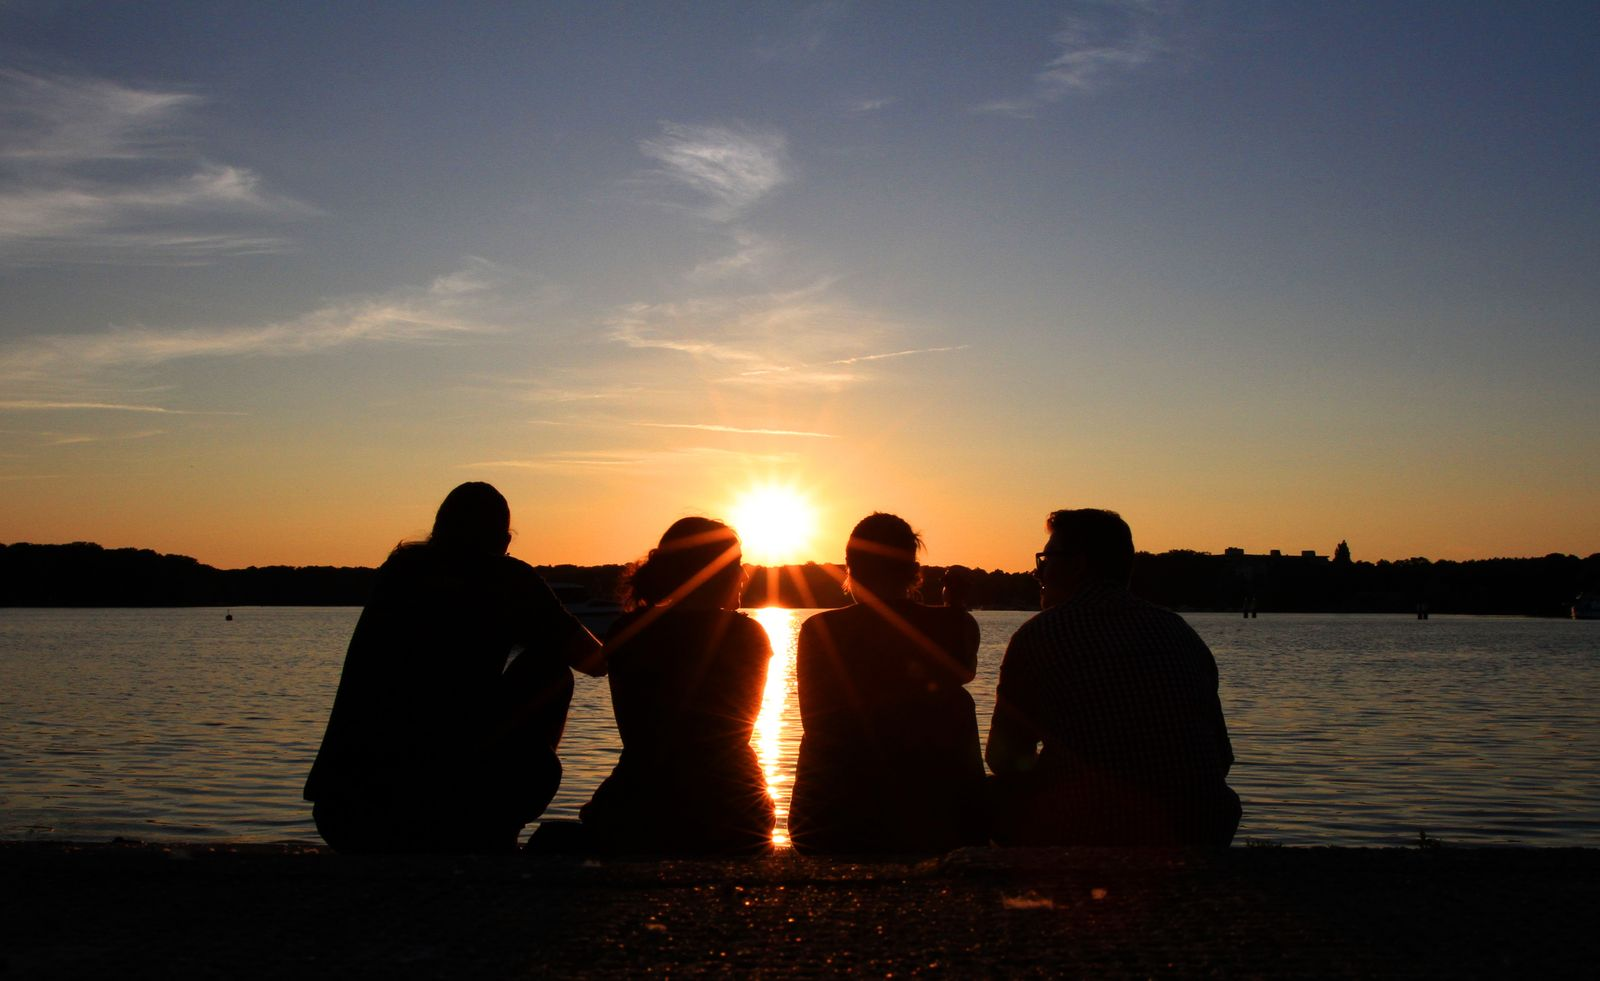 Sonnenuntergang am Tegeler See / Freundschaft / Jugendliche